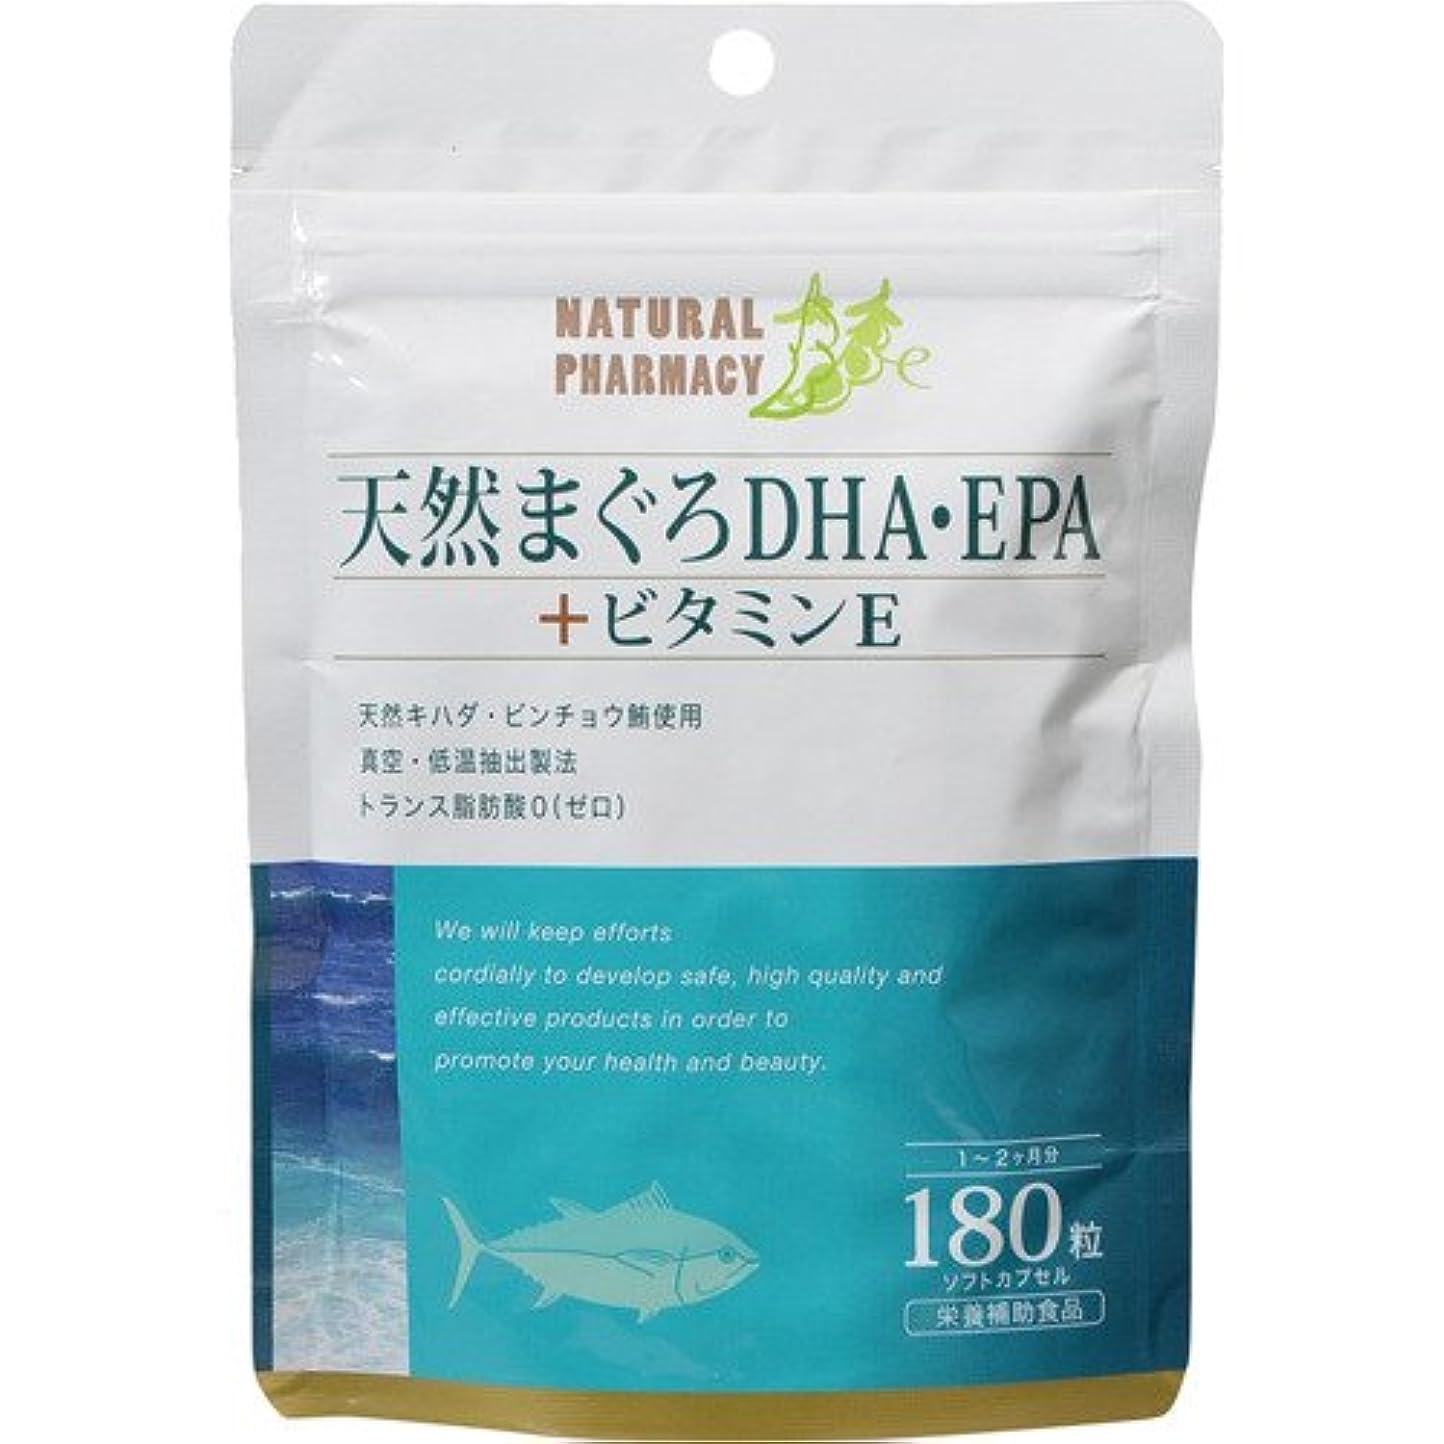 虫侵略手入れすみや 天然まぐろDHA?EPA+ビタミンE 180粒